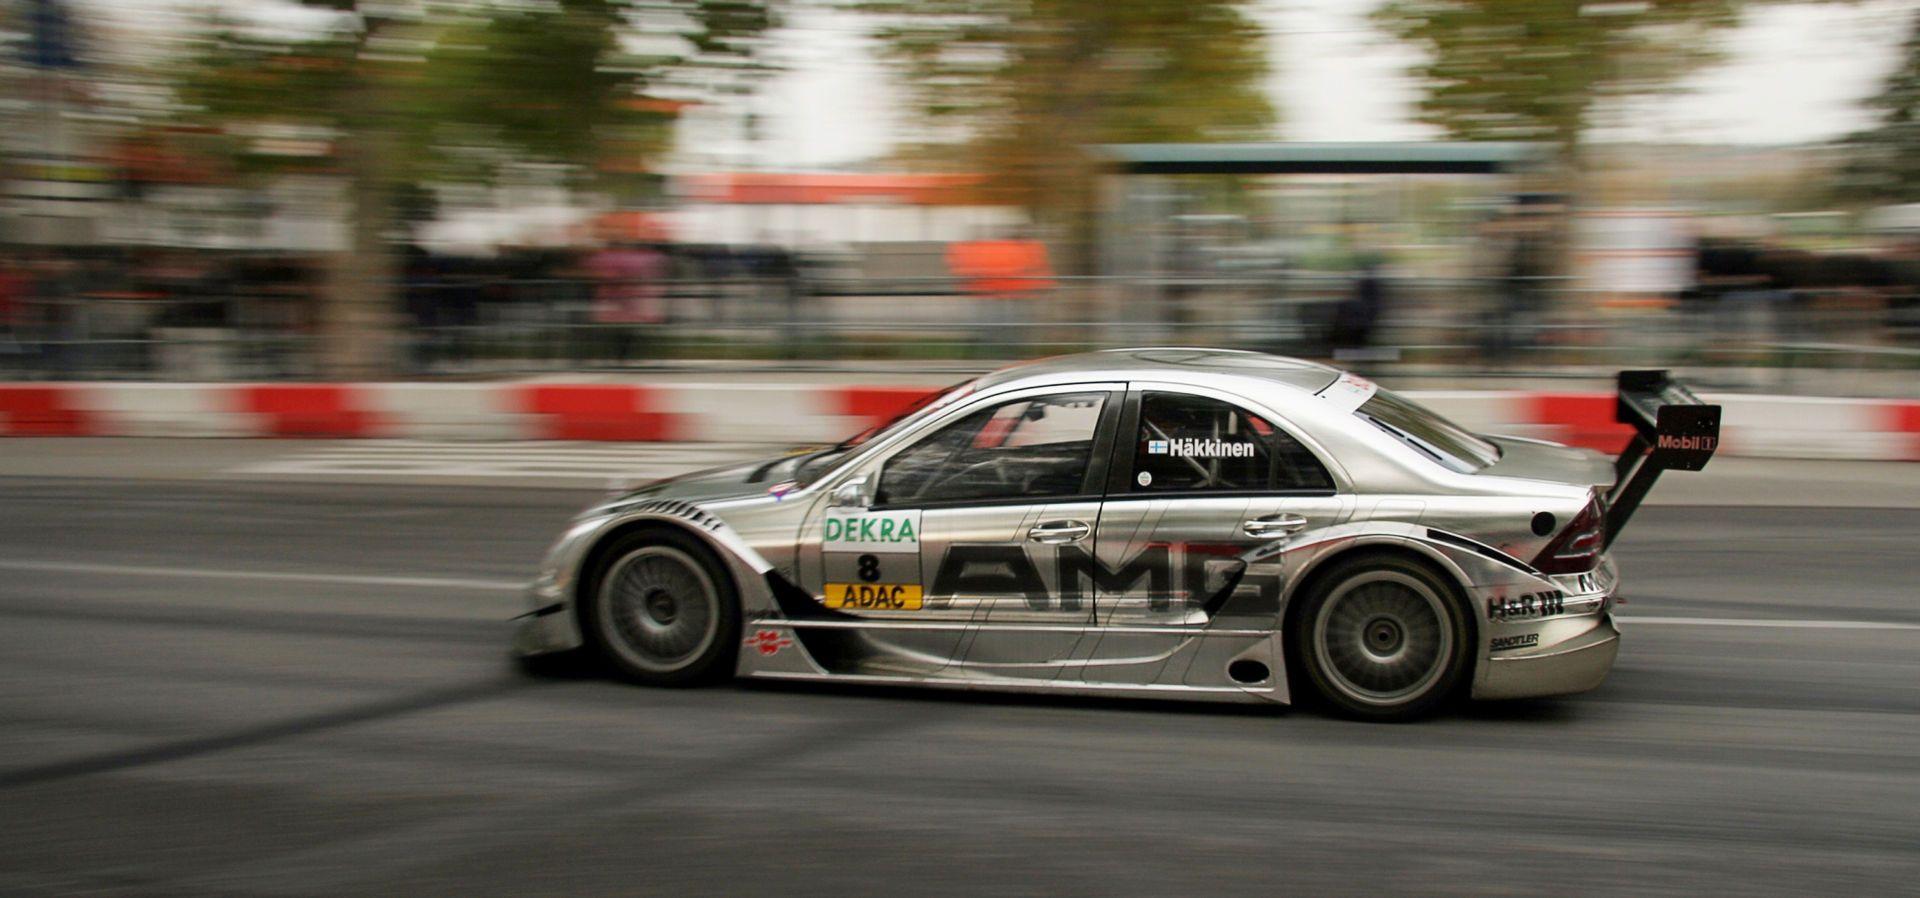 DTM car mercedes2006 Haekkinen racing - Deutsche Tourenwagen Masters -Mika Häkkinen in his Mercedes, 2006